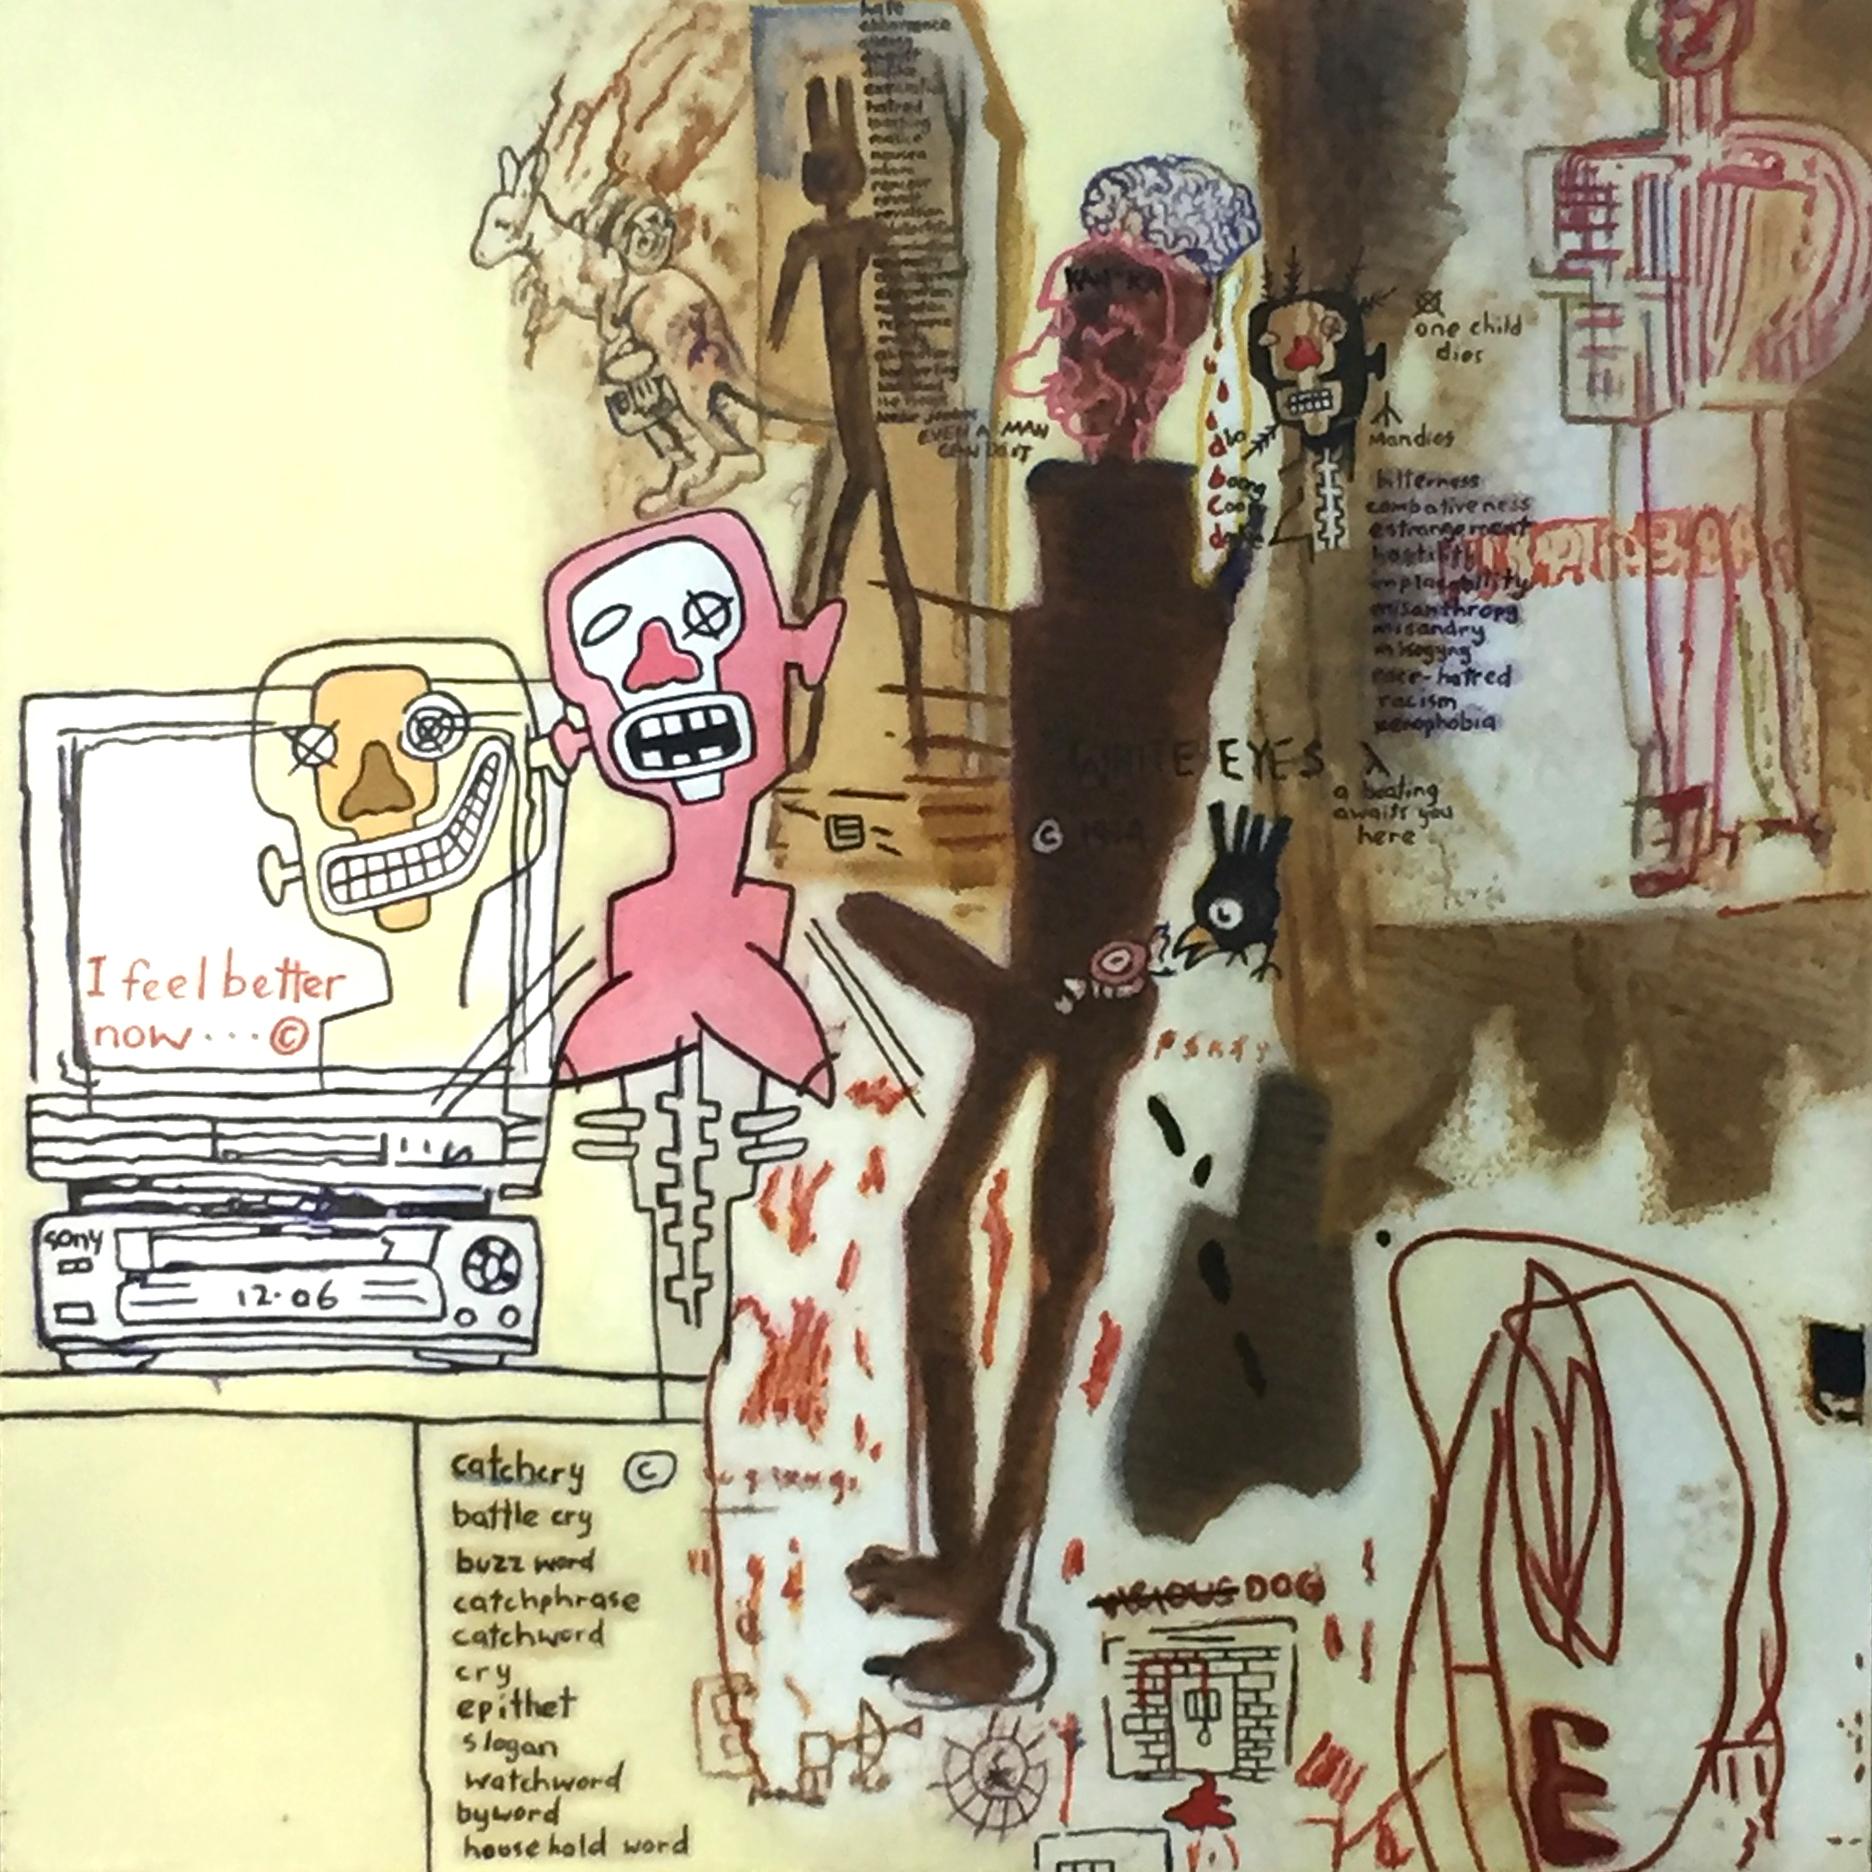 Gordon Bennett, Notes to Basquiat: Social Security 101 x 101 cm, available '© The Estate of Gordon Bennett'